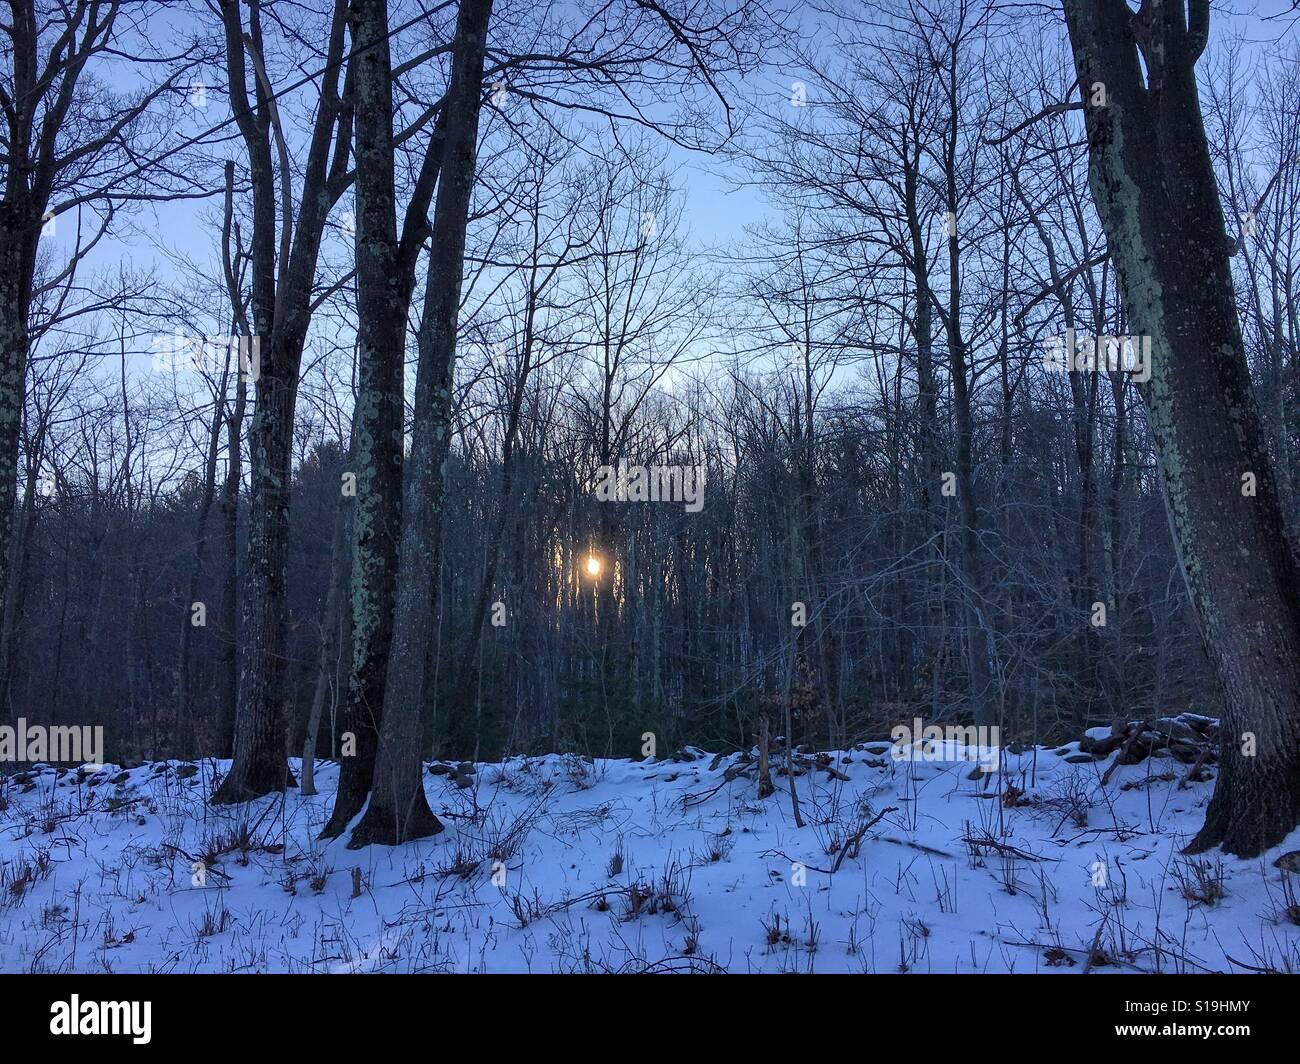 Coucher du soleil à travers la forêt pendant l hiver dans l ouest du  Massachusetts. Tourné dans la ville de sandisfield dans les Berkshires. 8bac1c4083d